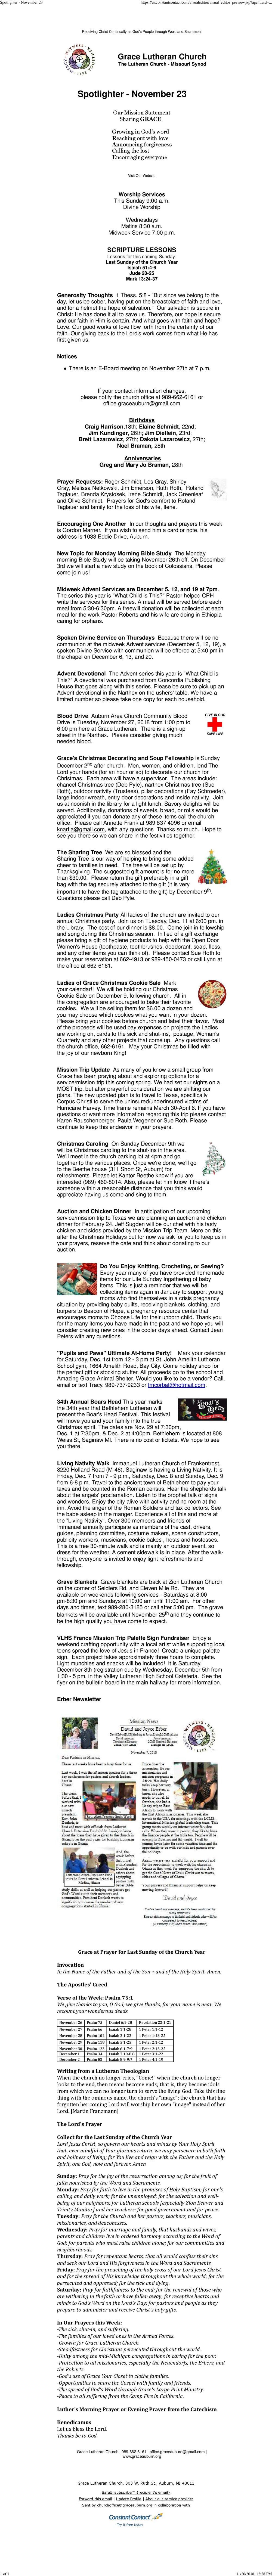 Spotlighter - November 23-page-001.jpg